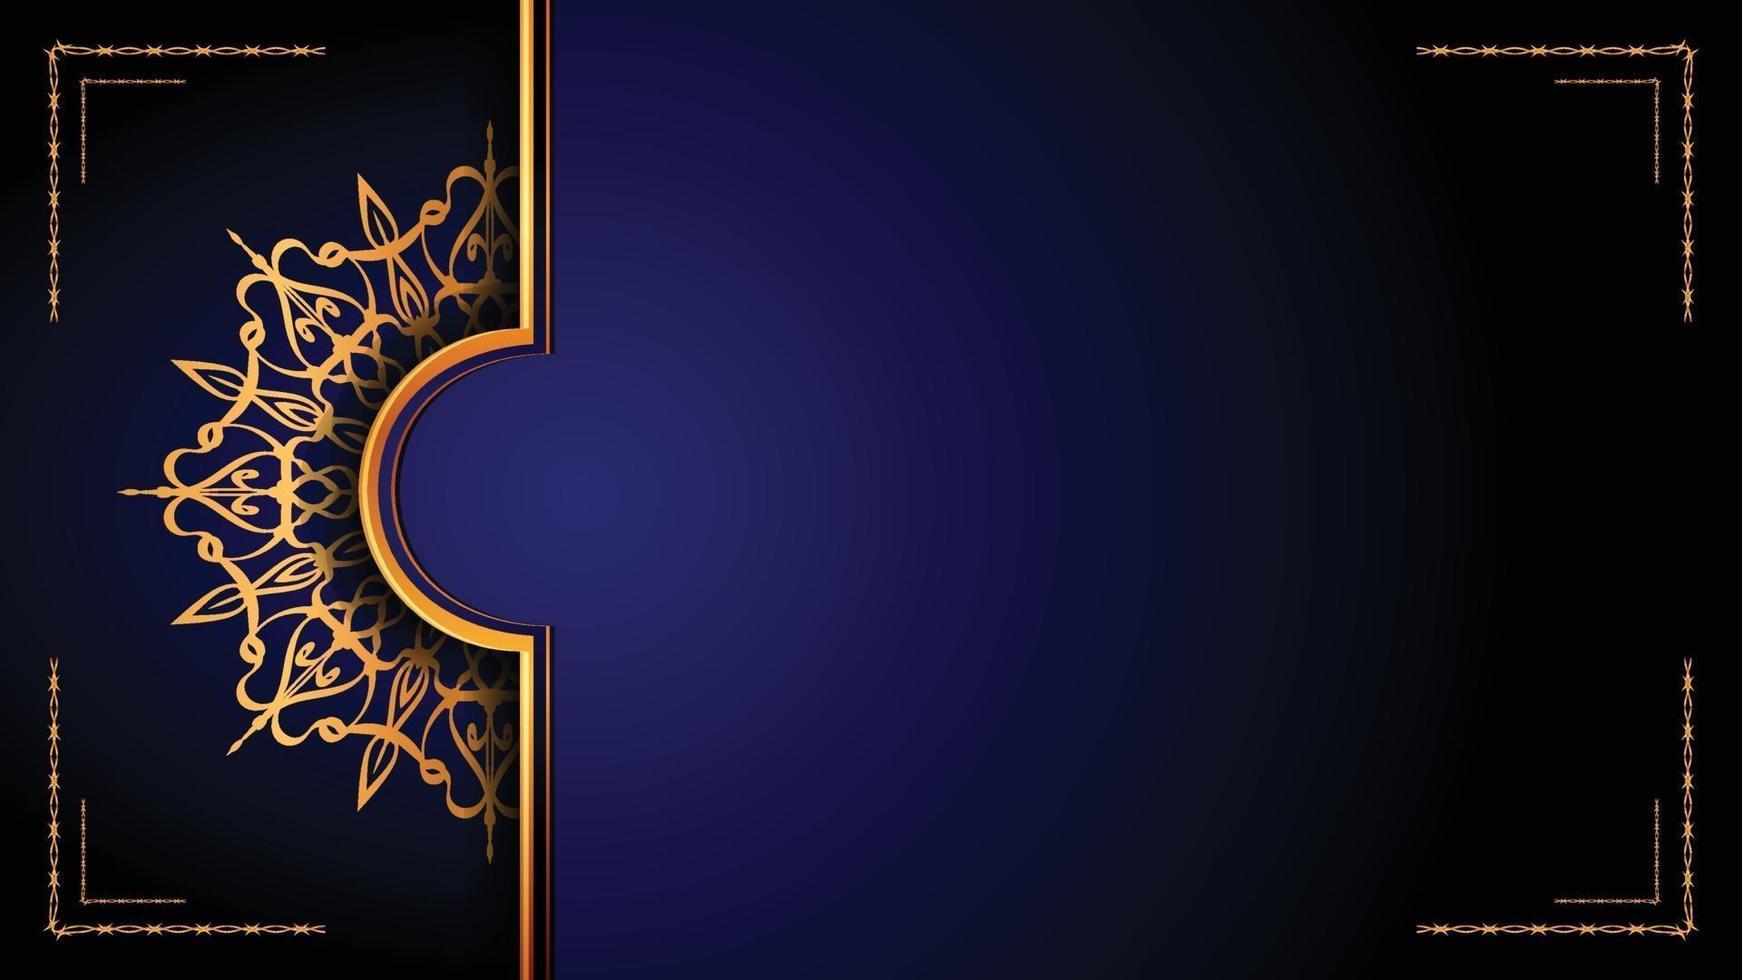 lyx dekorativ mandala logo bakgrund, arabesk stil. vektor